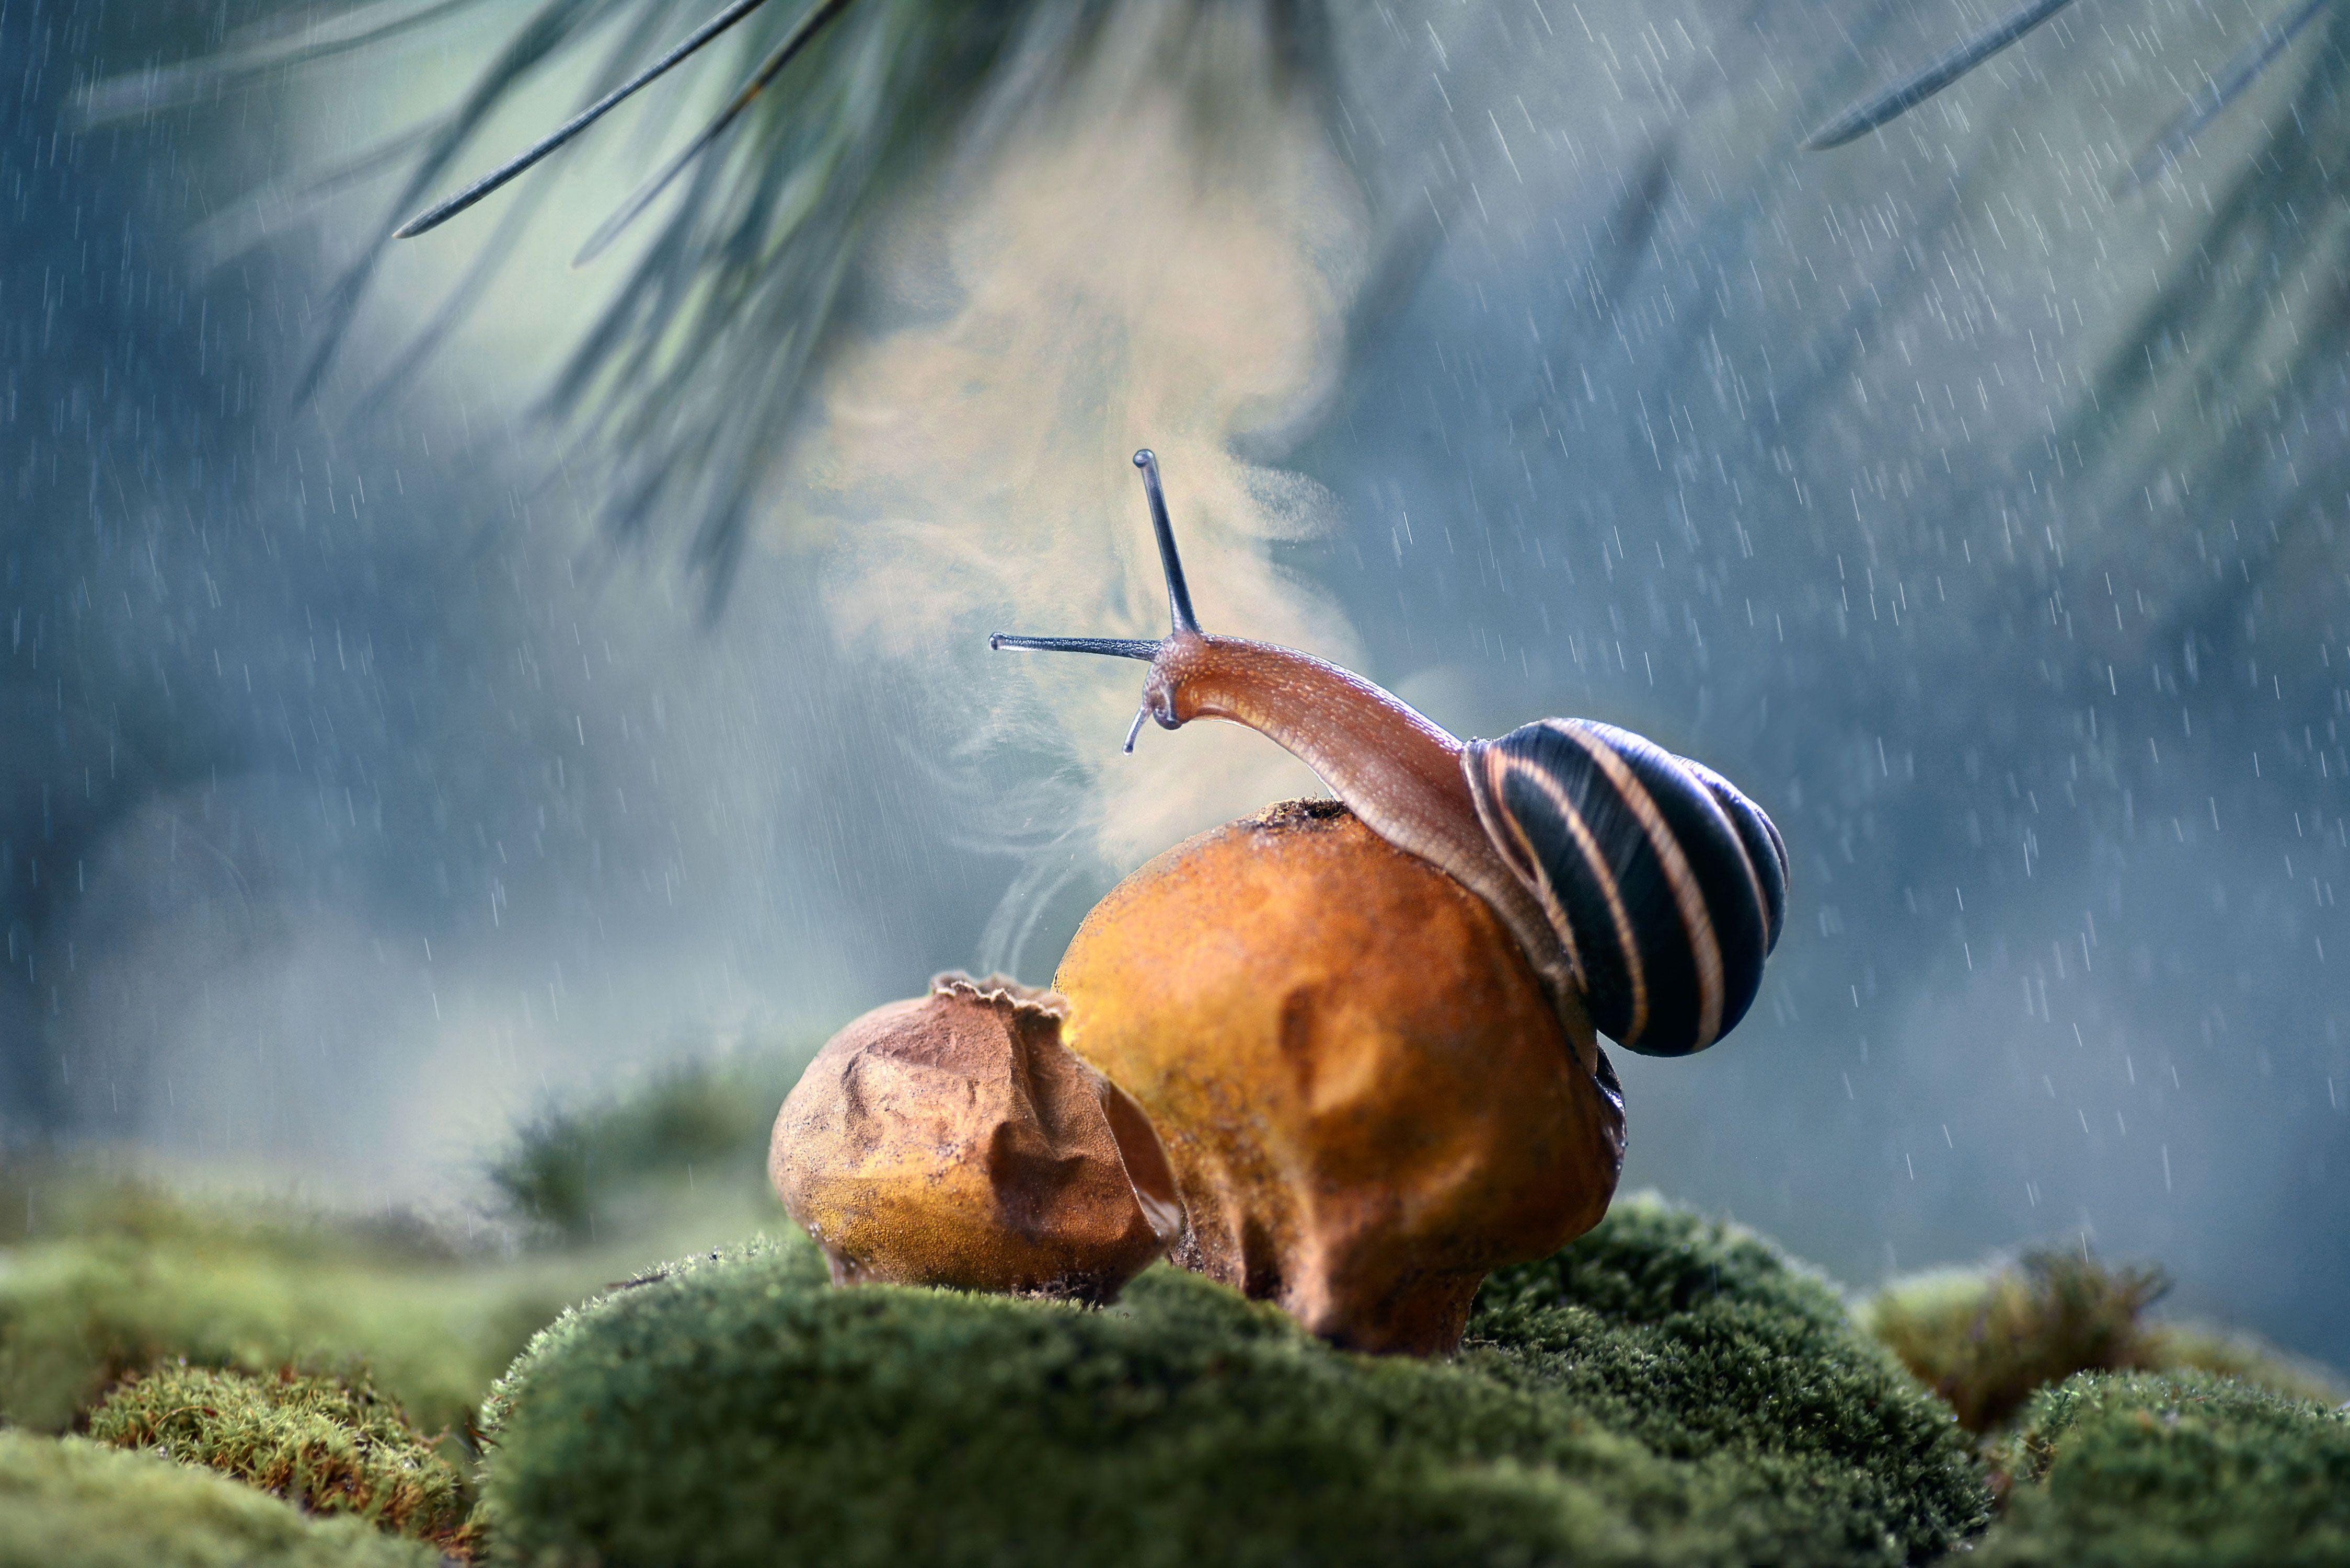 улитка, макро, споры, грибы, дождевик, природа, Чернобай Анна